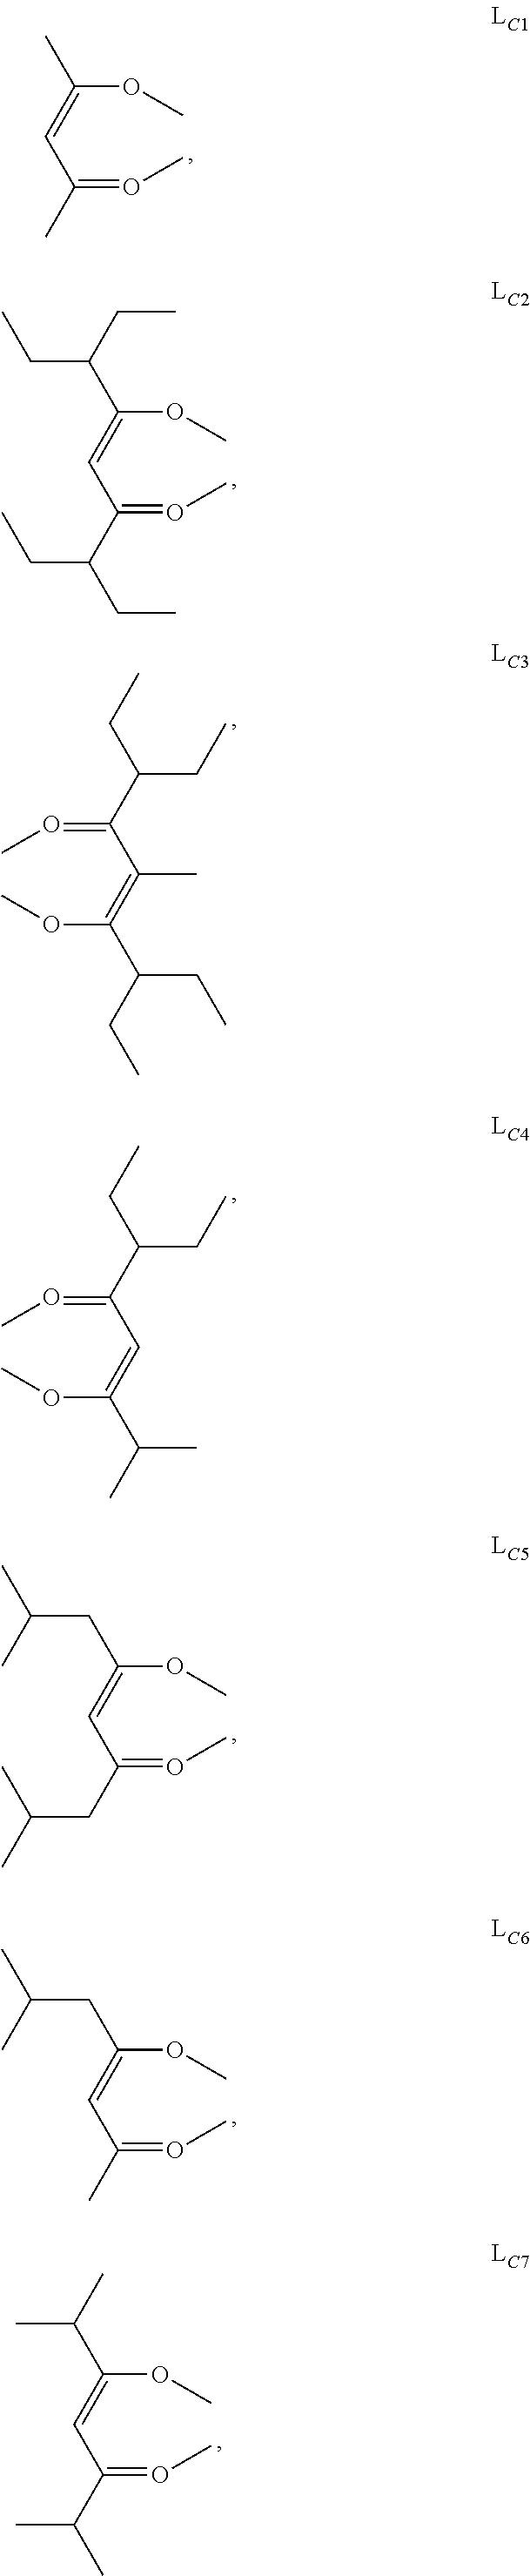 Figure US09691993-20170627-C00311